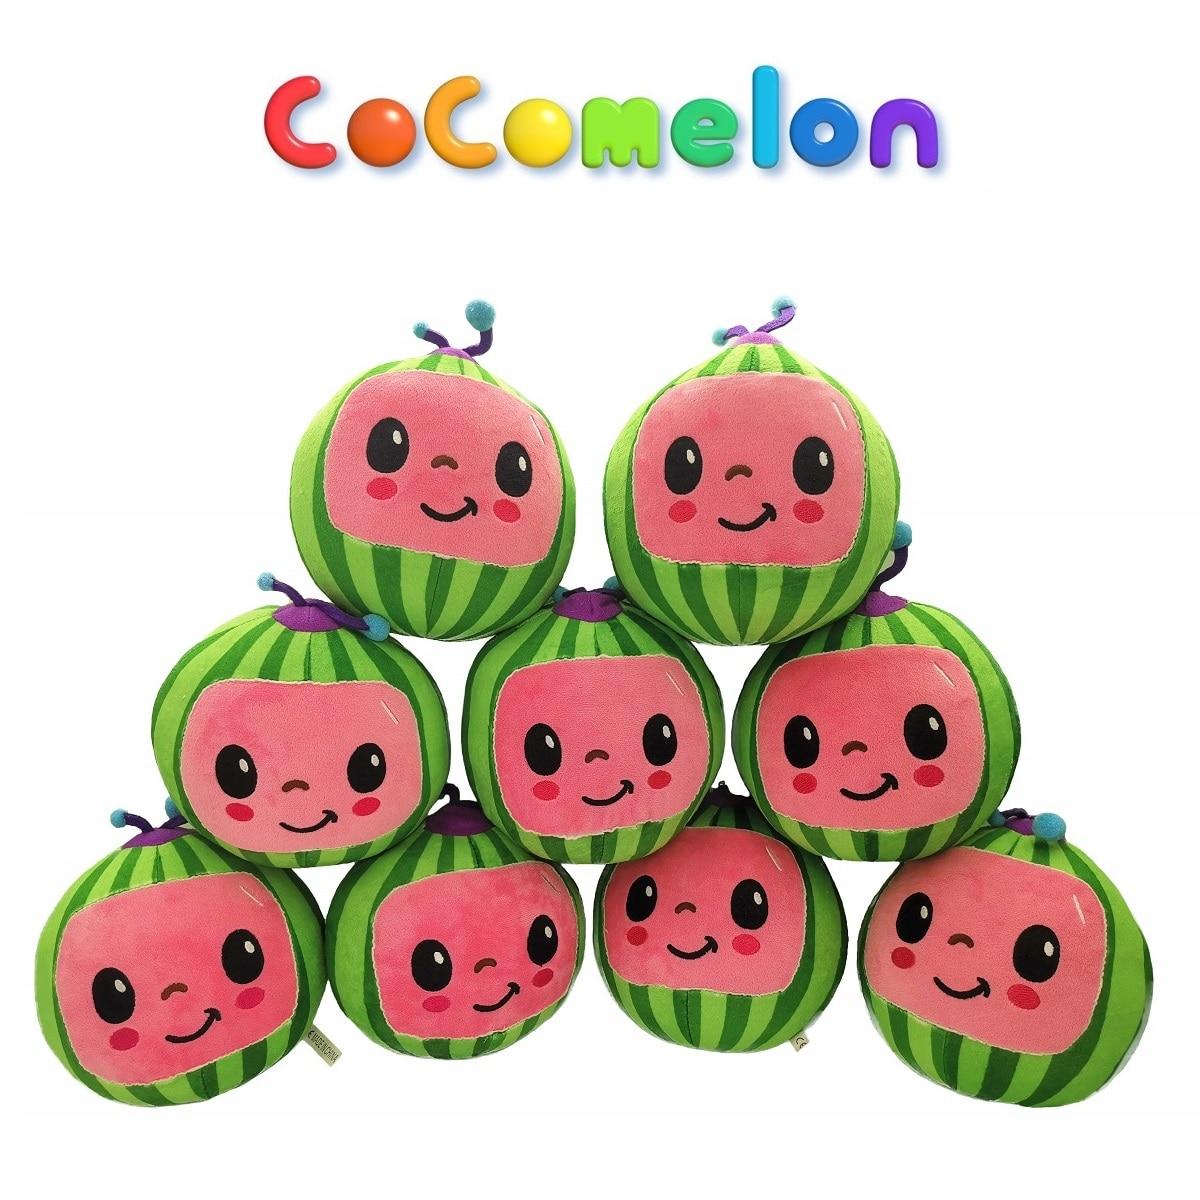 Melão jj brinquedos de pelúcia cocomelon crianças presente bonito brinquedo de pelúcia educacional boneca